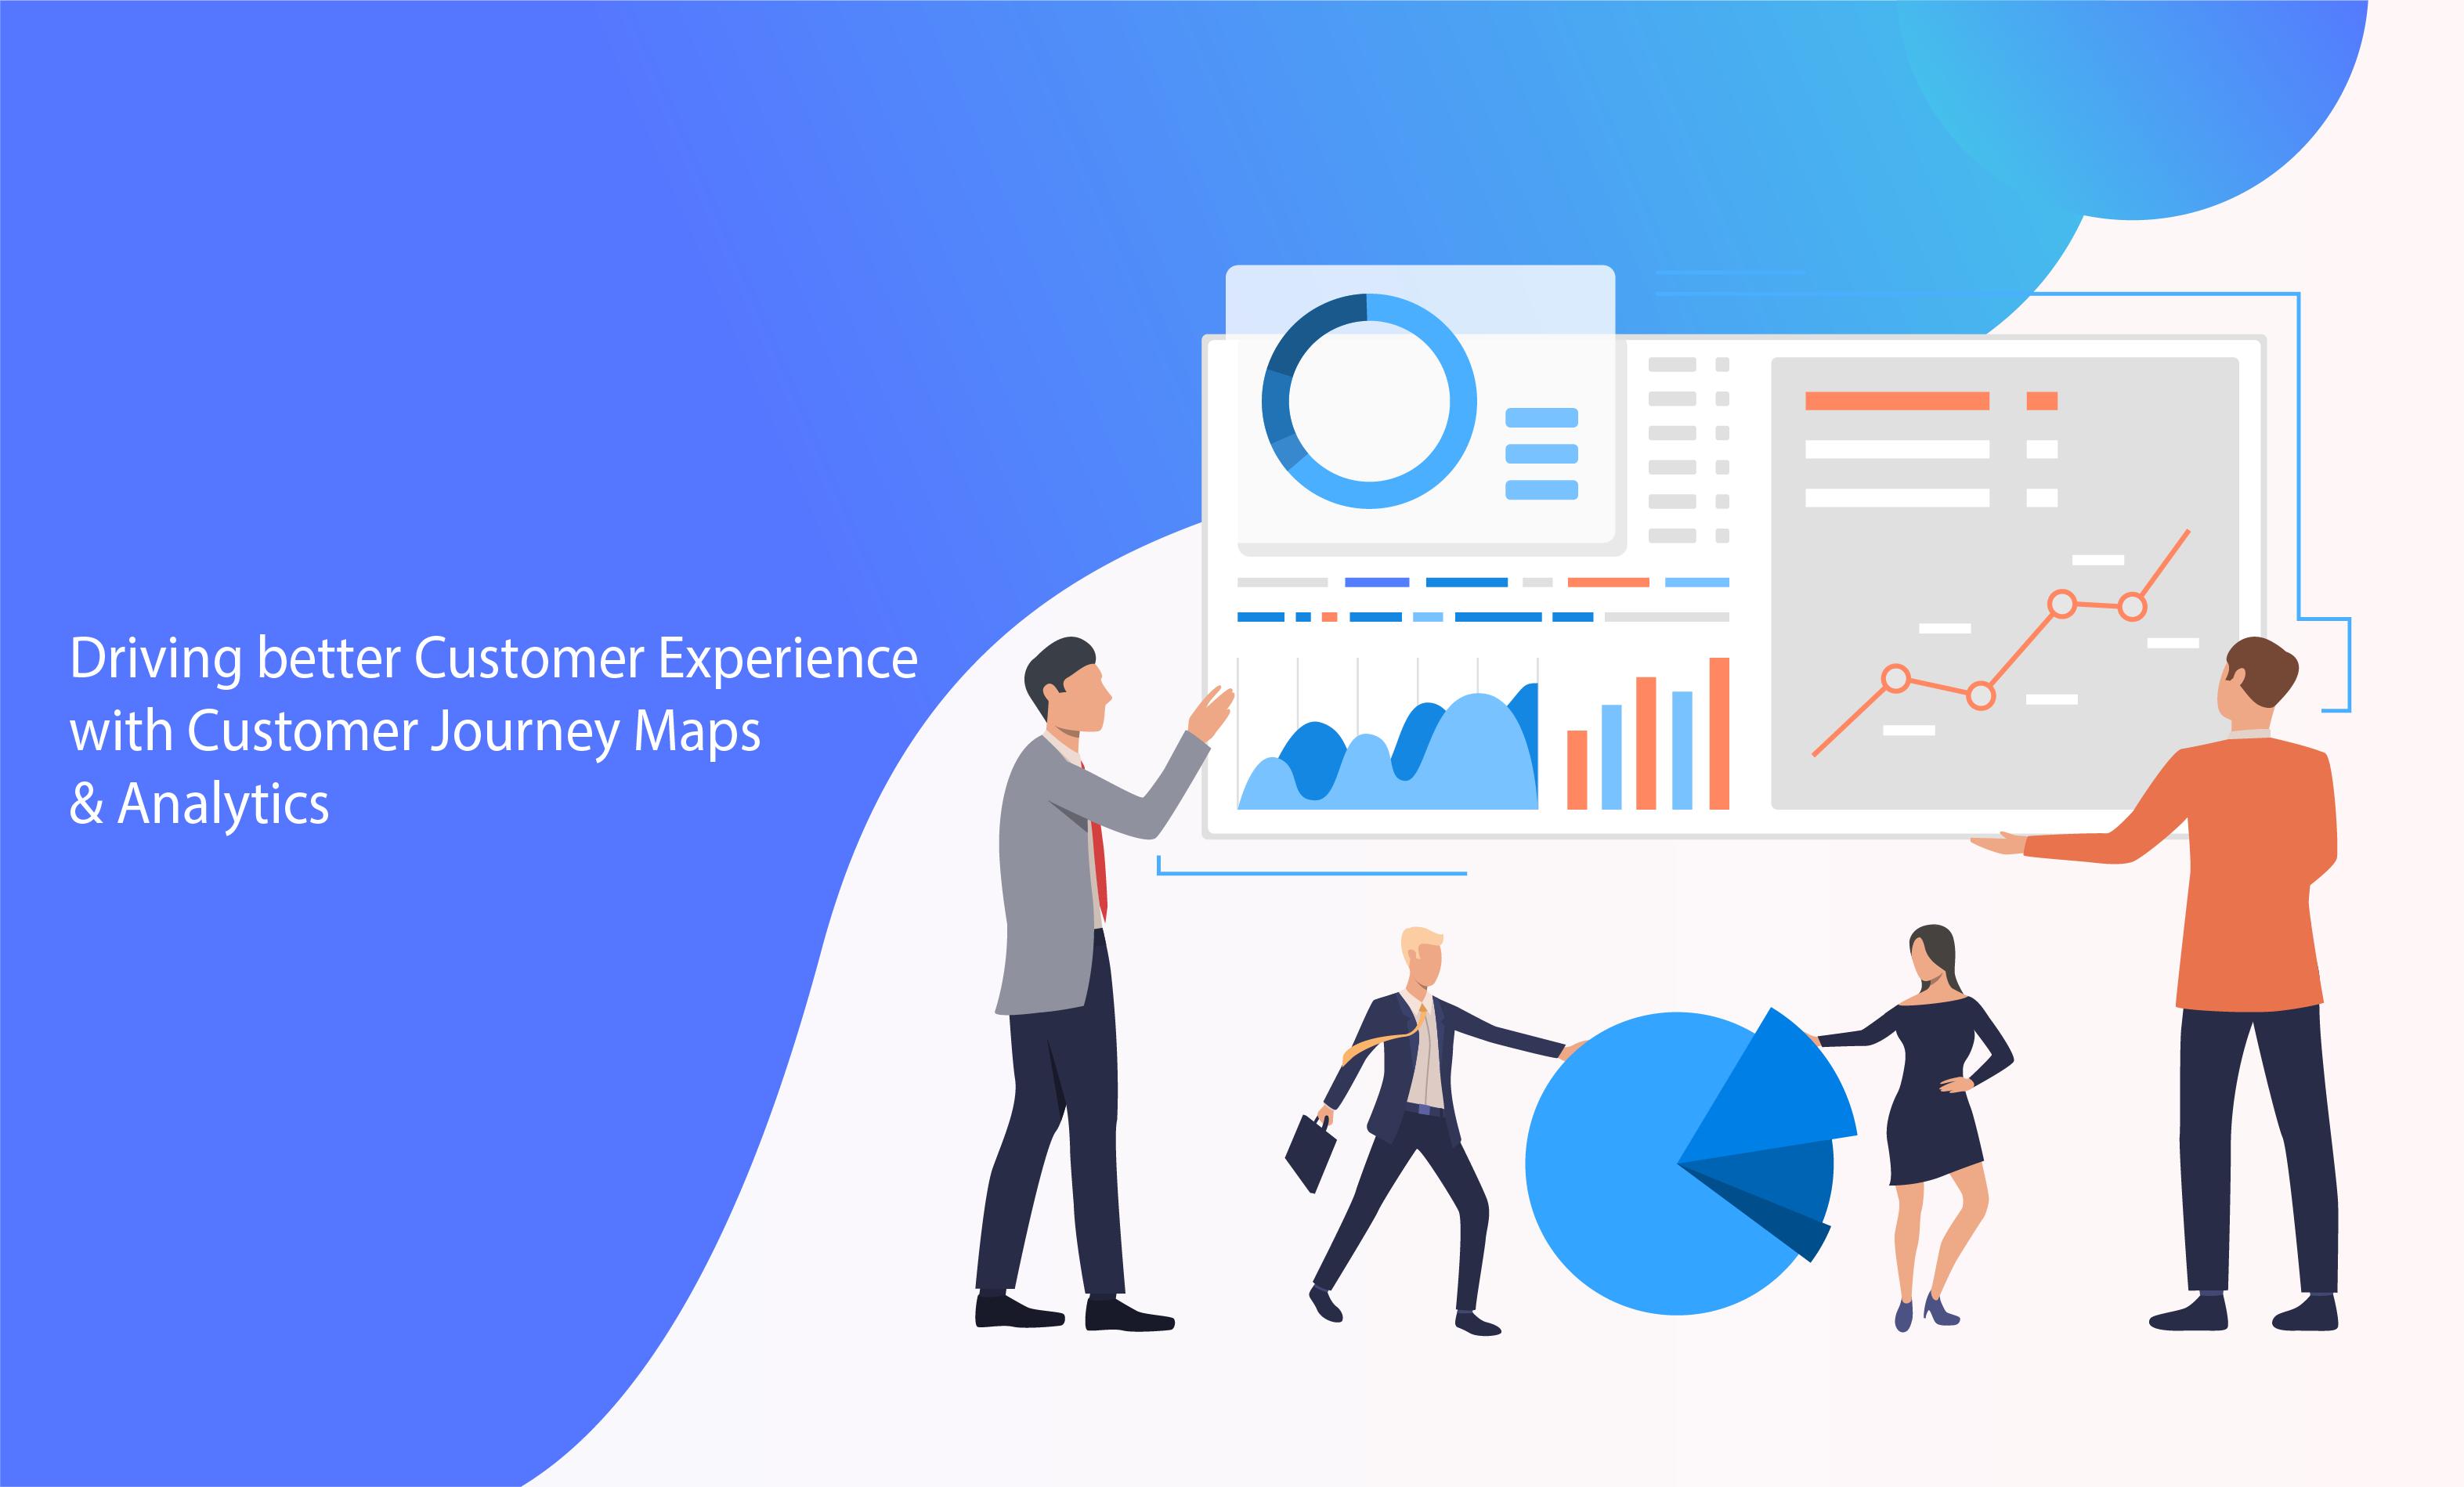 Customer Journey Maps & Analytics